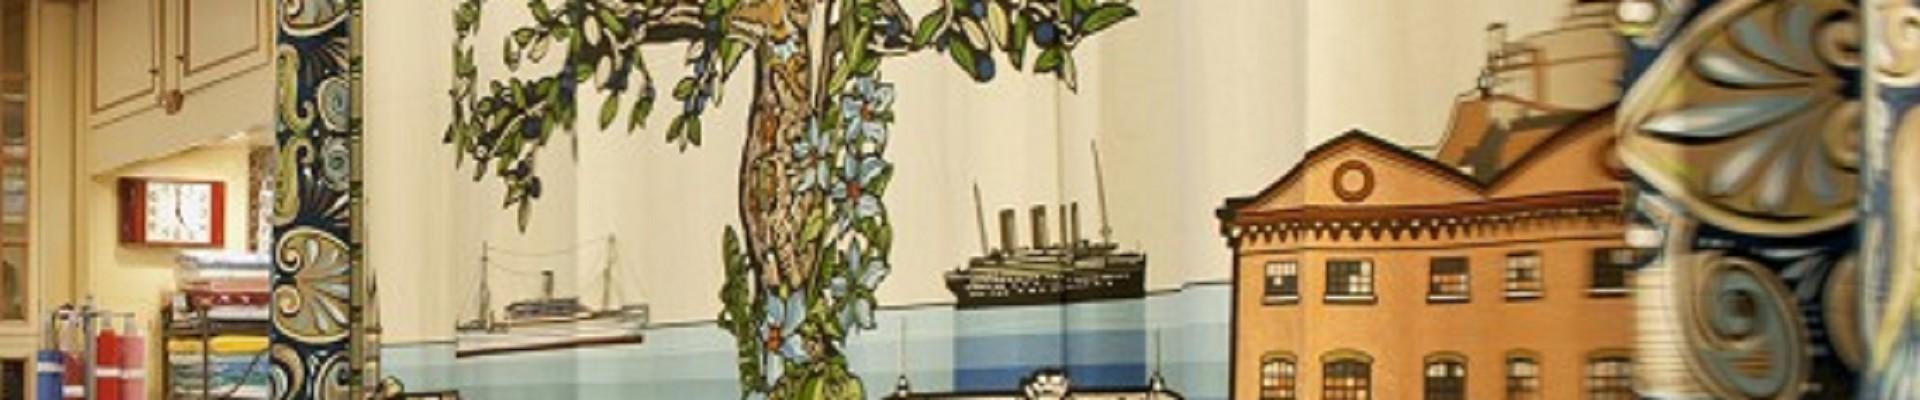 Negozi mobili genova arredamenti per negozi usati torino - Biancheria per la casa milano ...